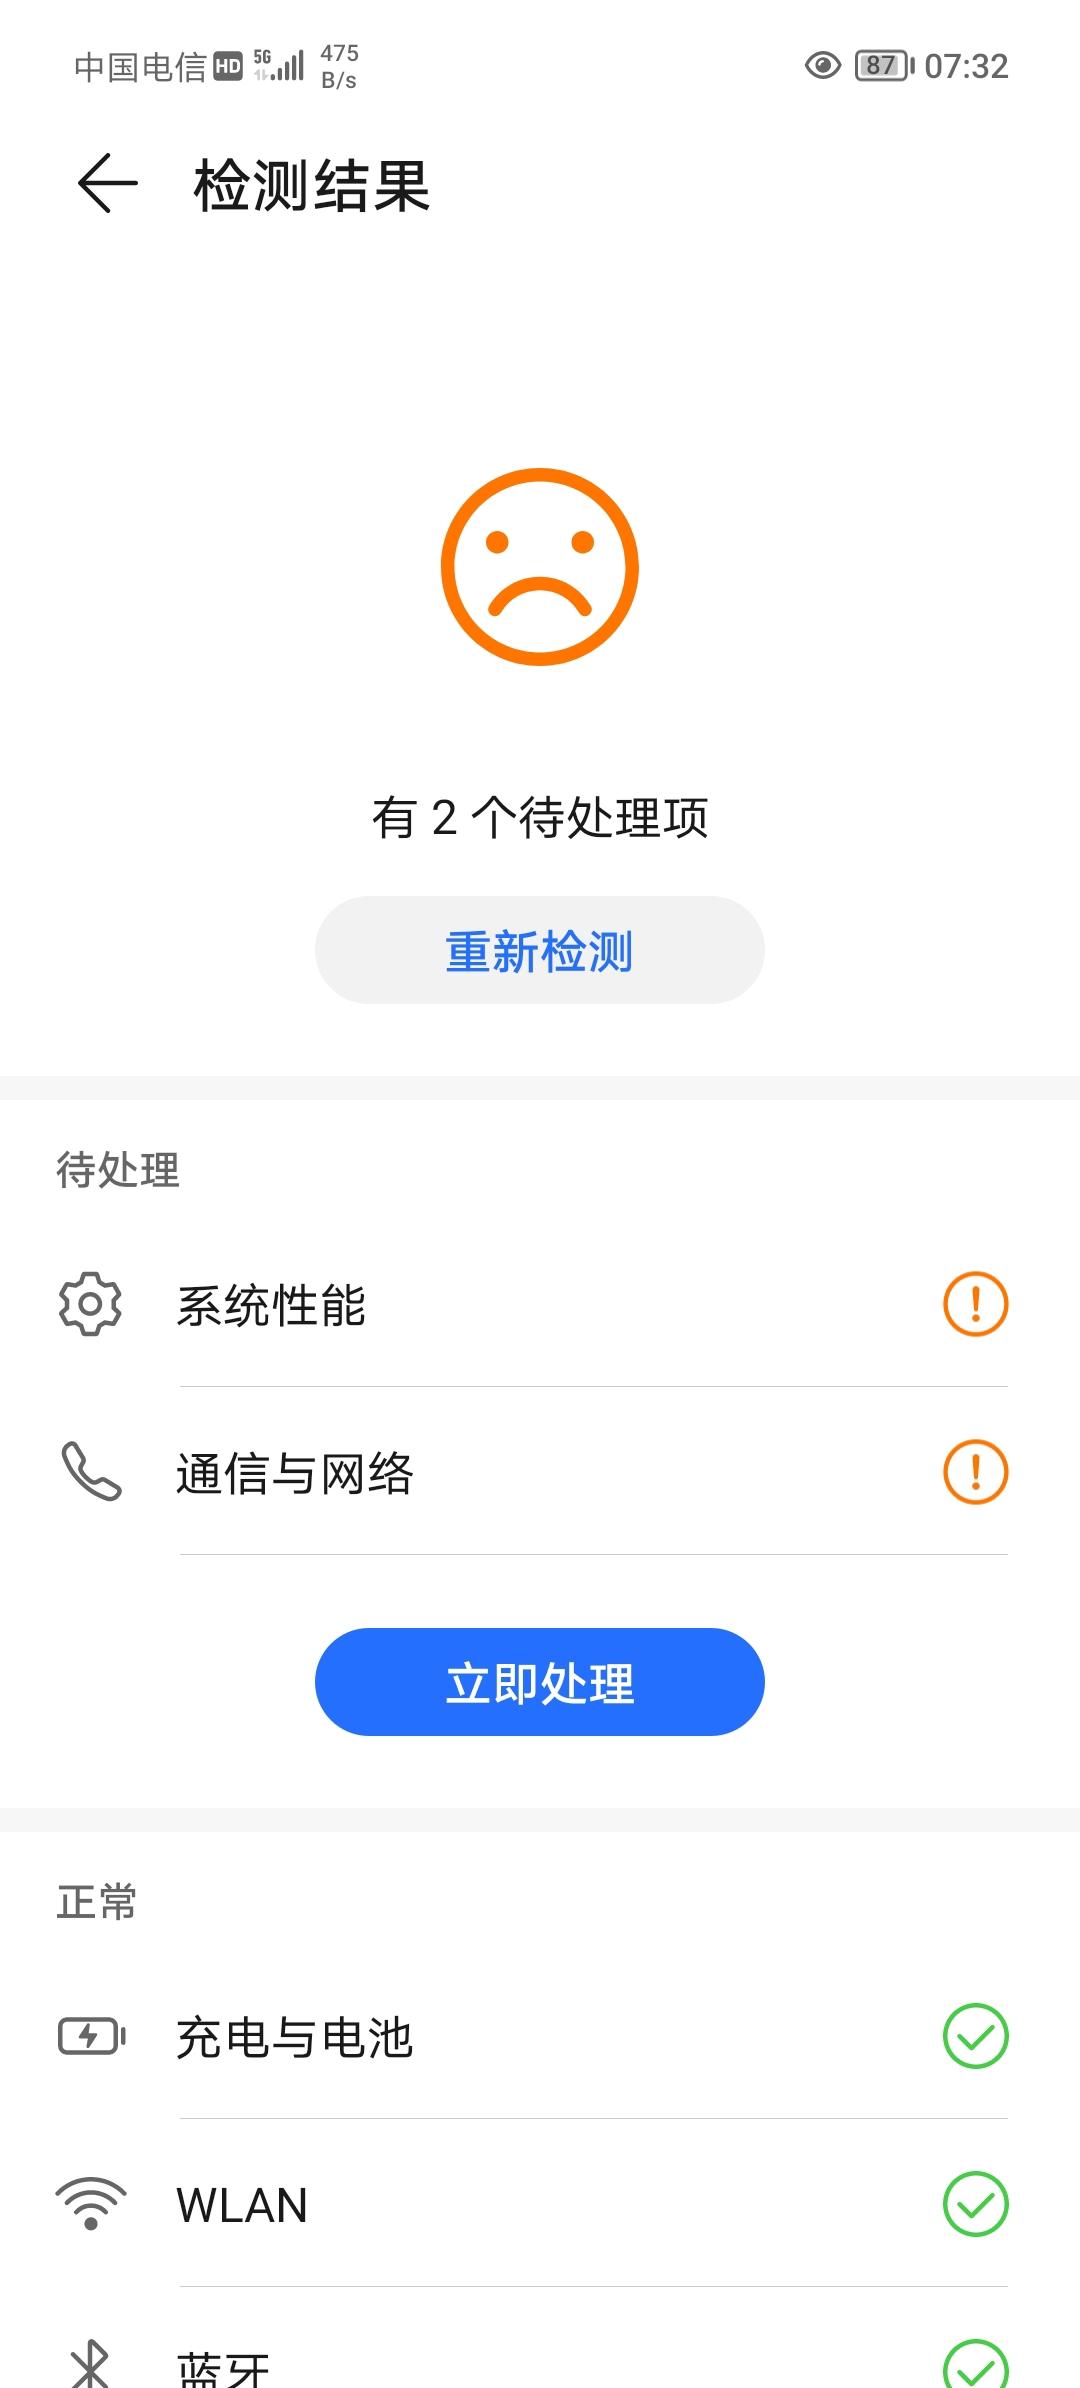 Screenshot_20210909_073248.jpg